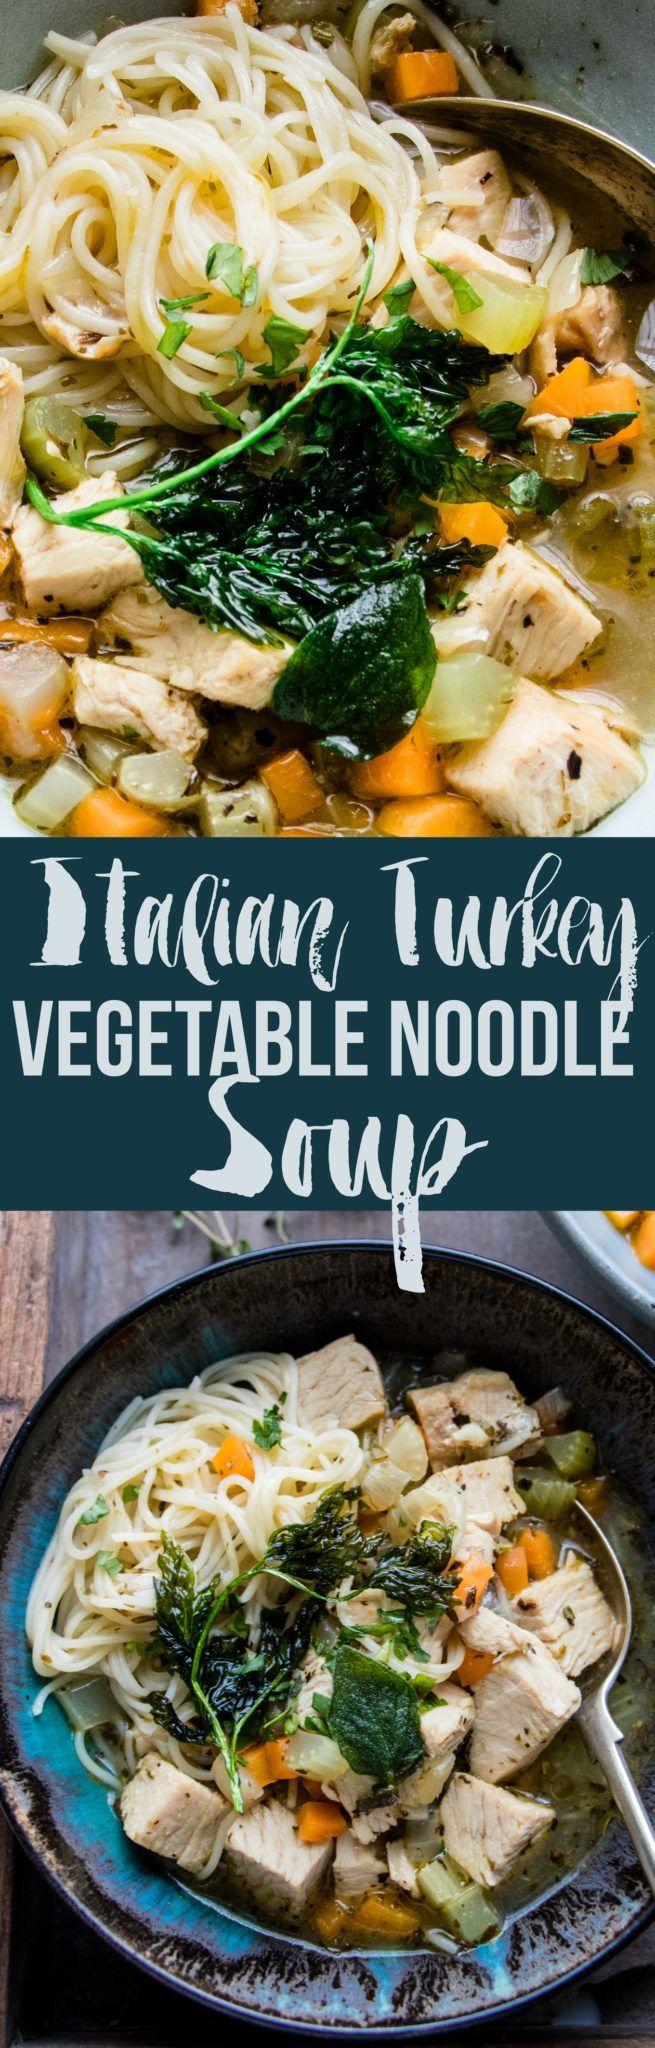 Italian Turkey Noodle Soup